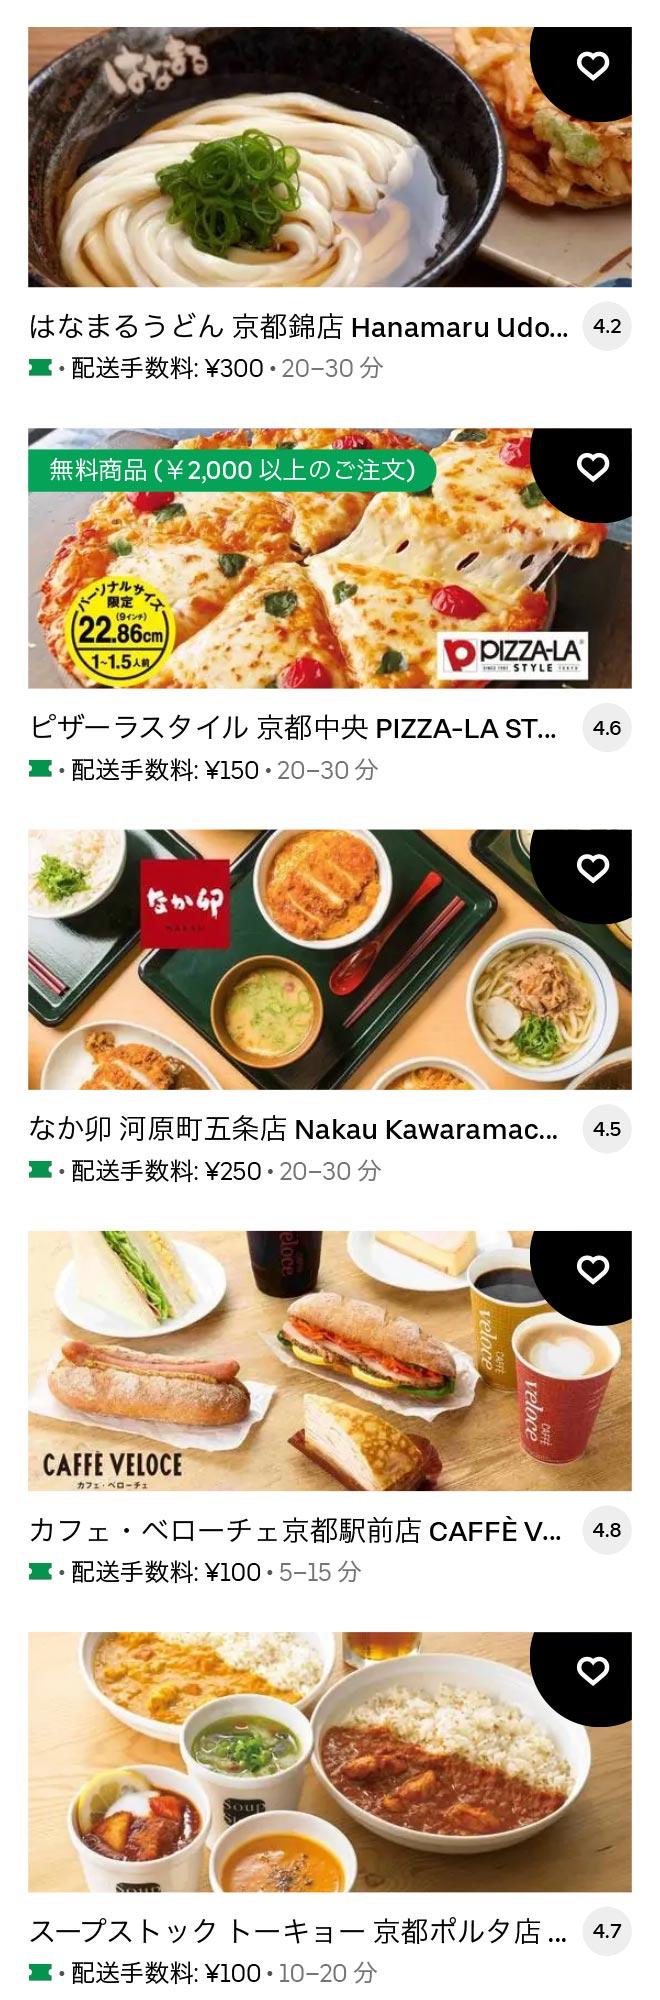 U kyoto 2105 13